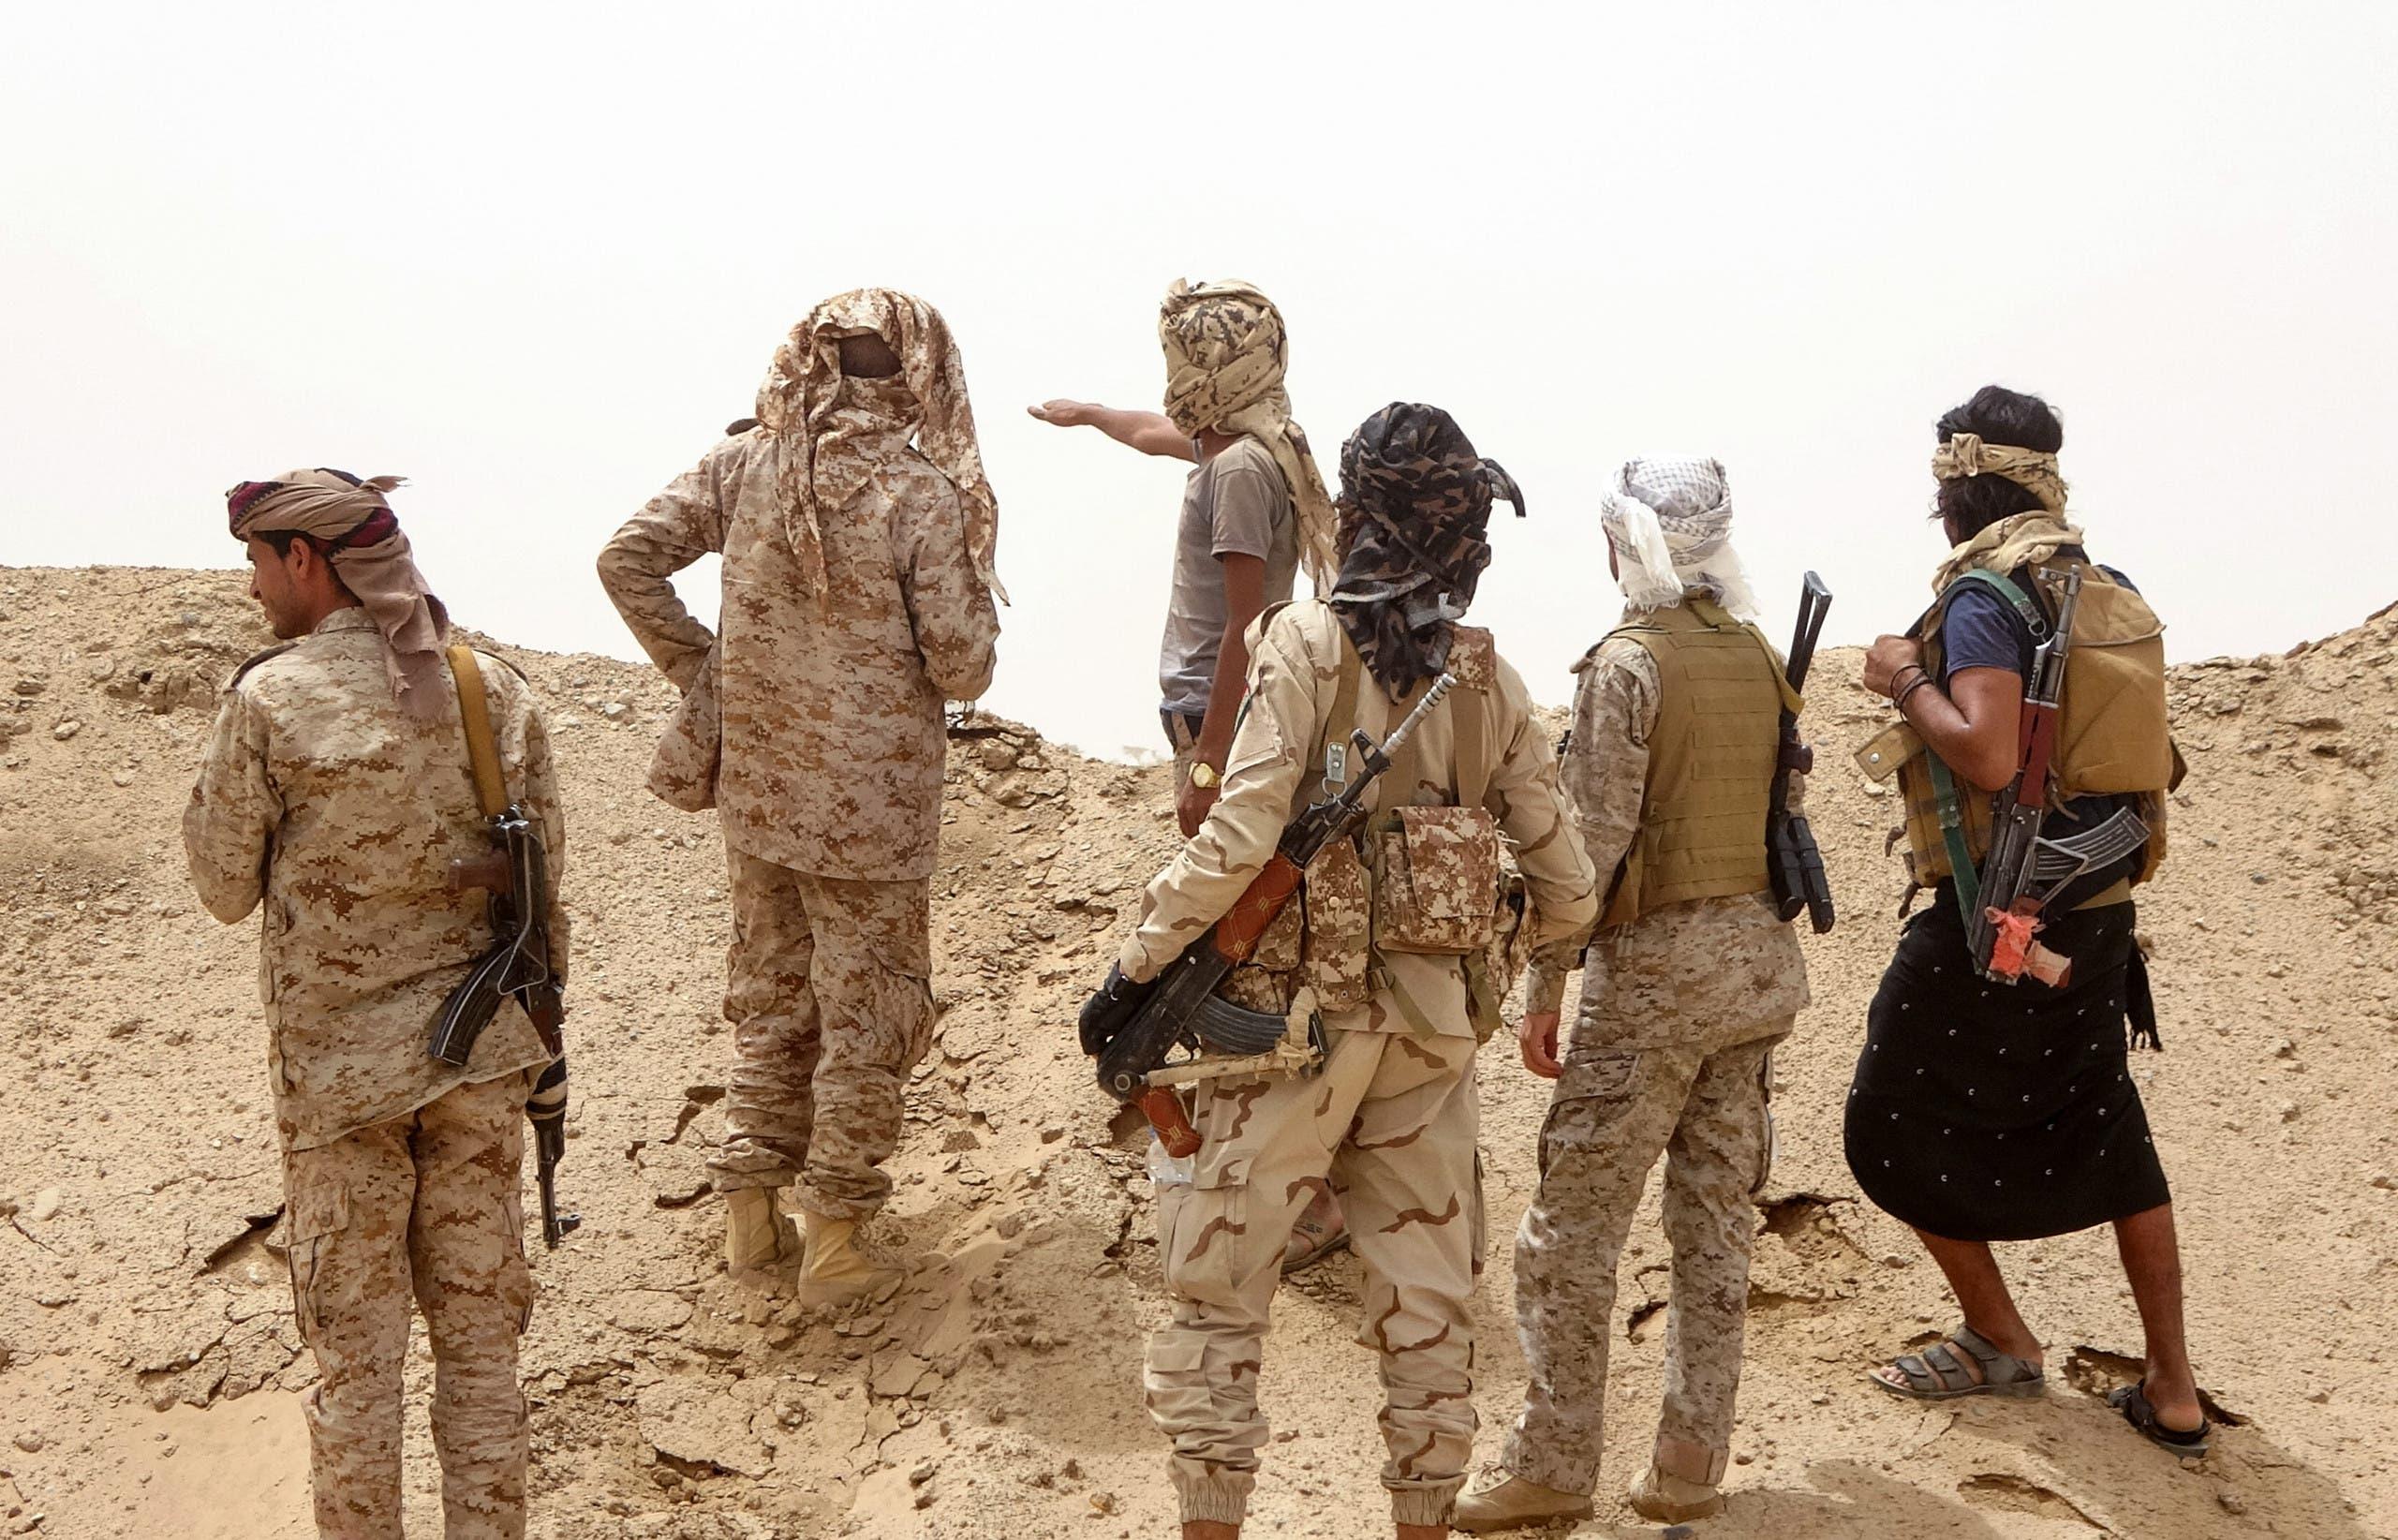 عناصر من الجيش اليمني في مأرب (أرشيفية من فرانس برس)